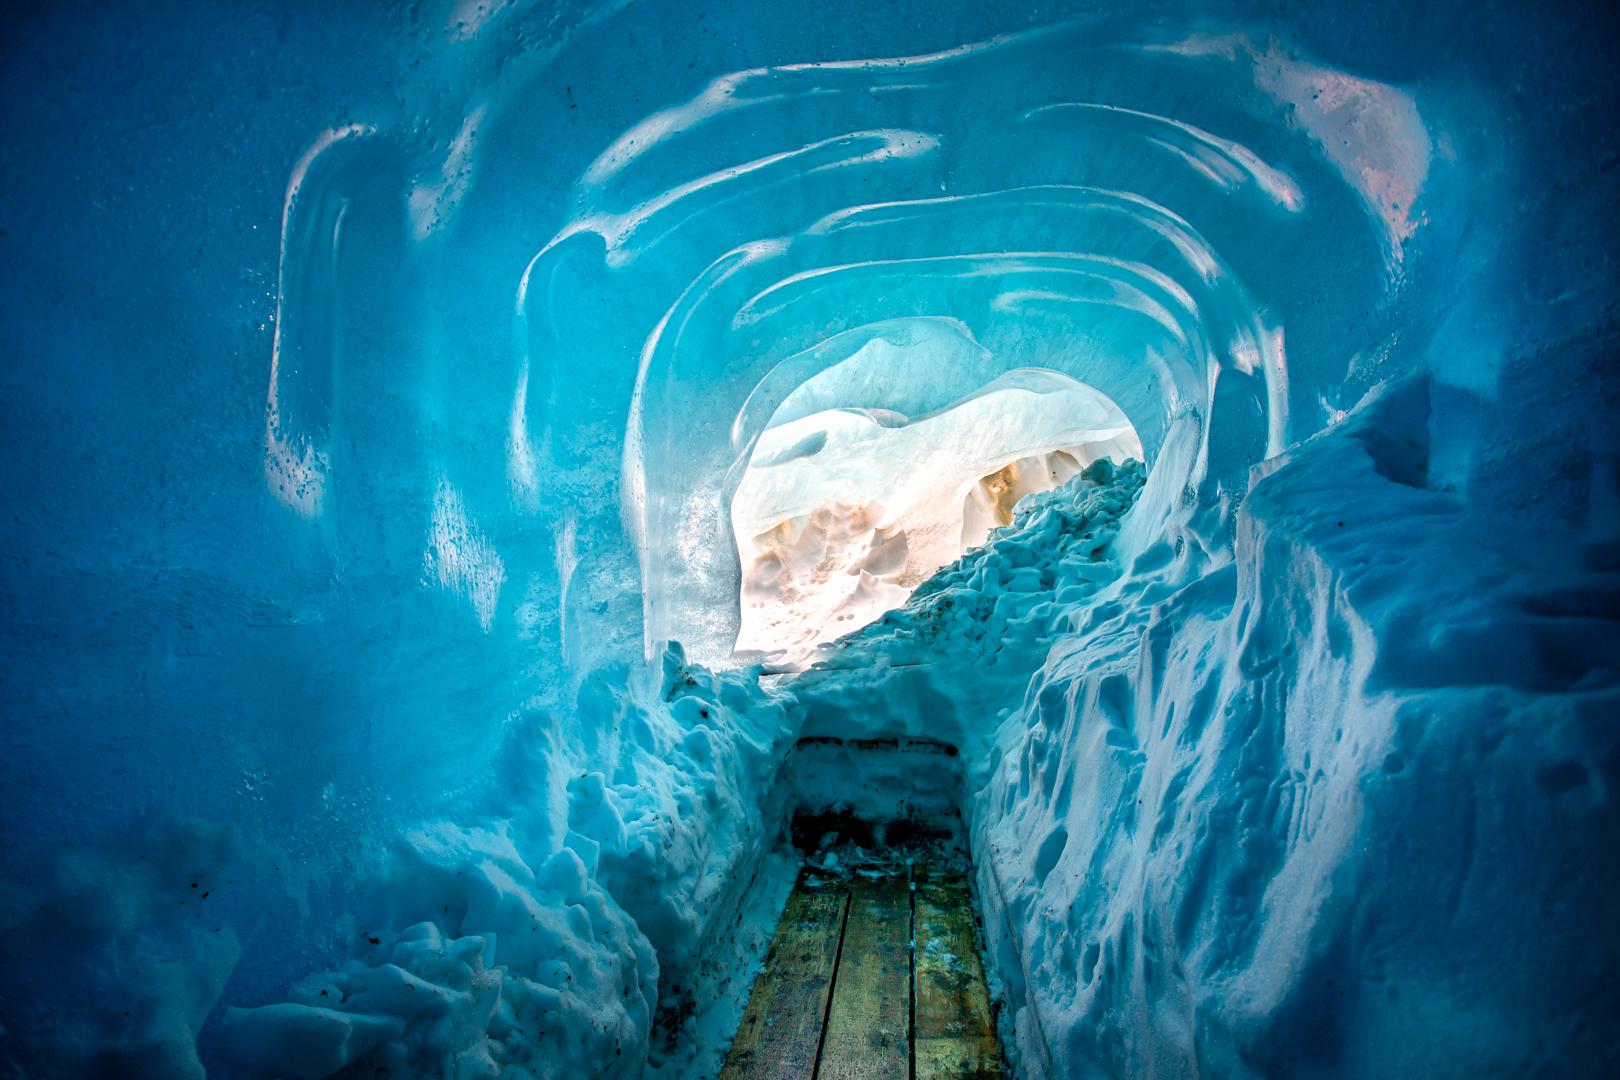 Inside the Blue Glacier